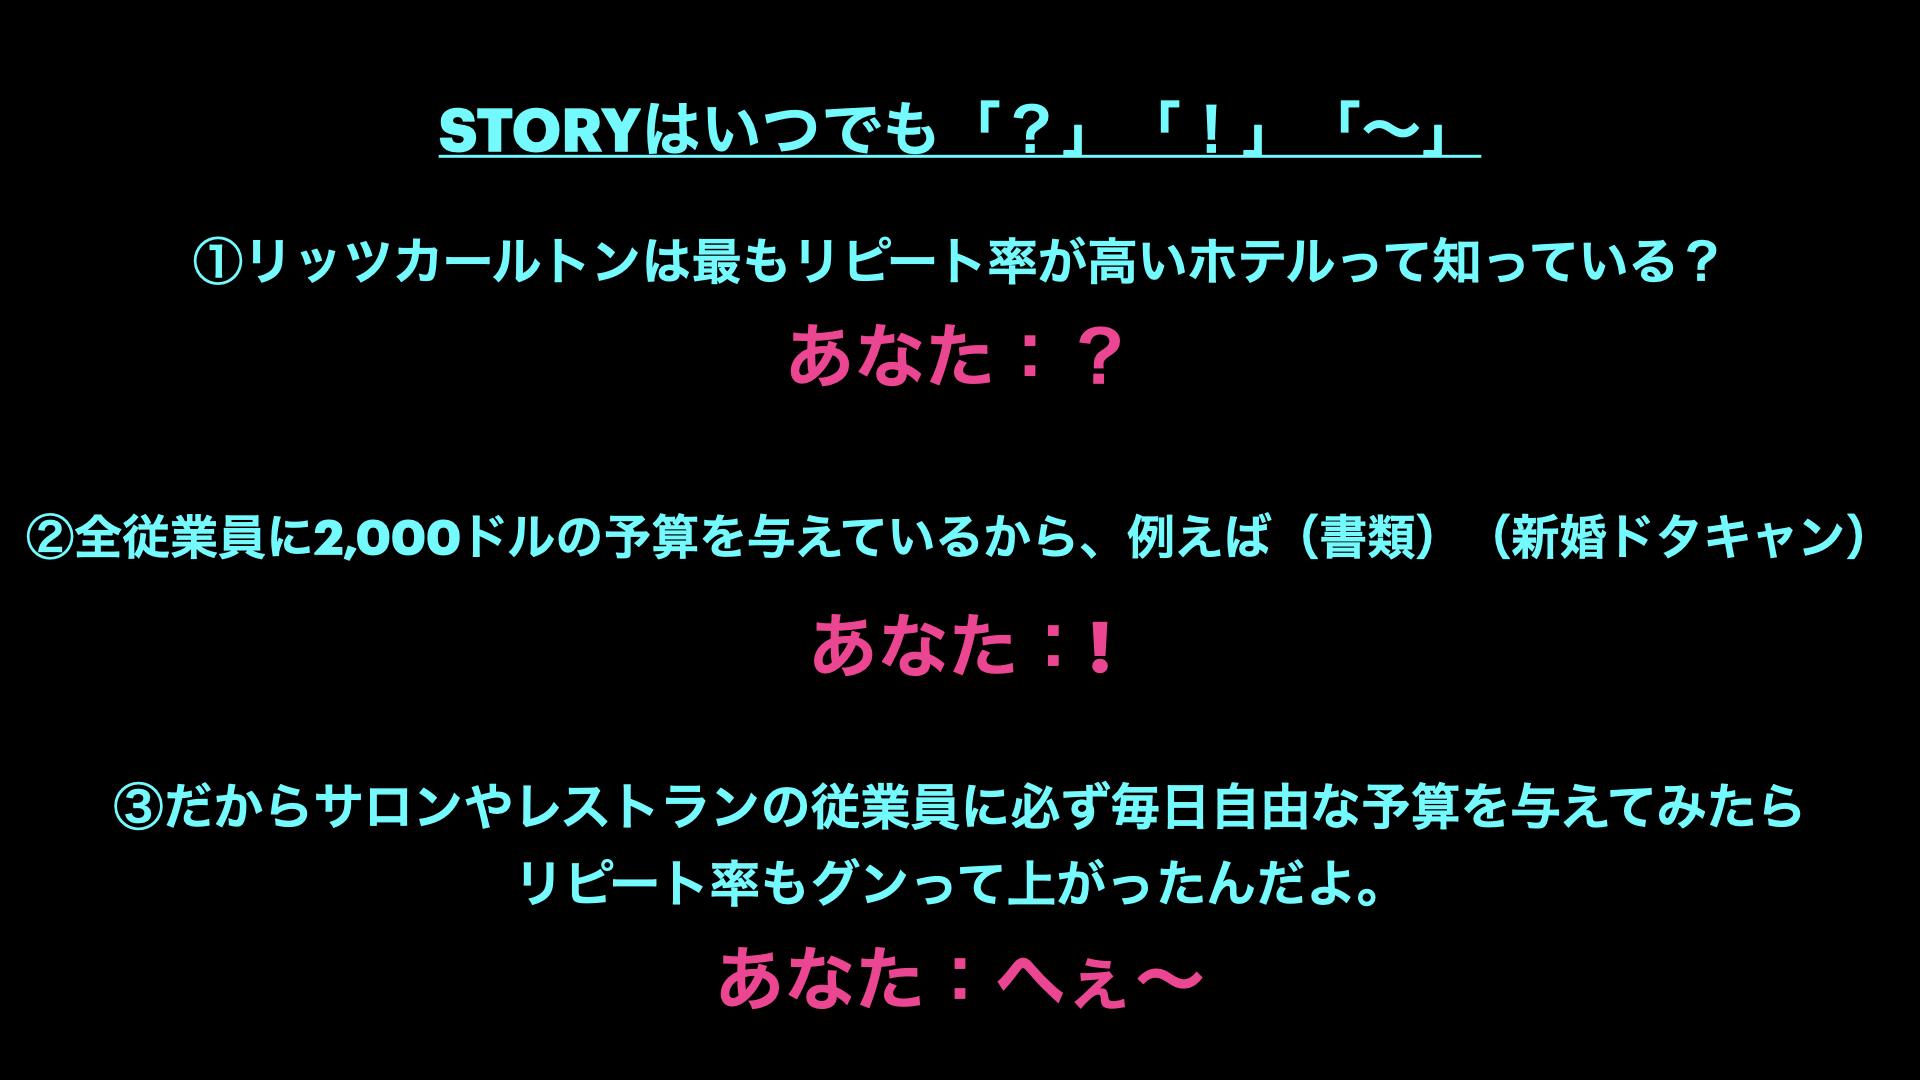 ストーリーの作り方